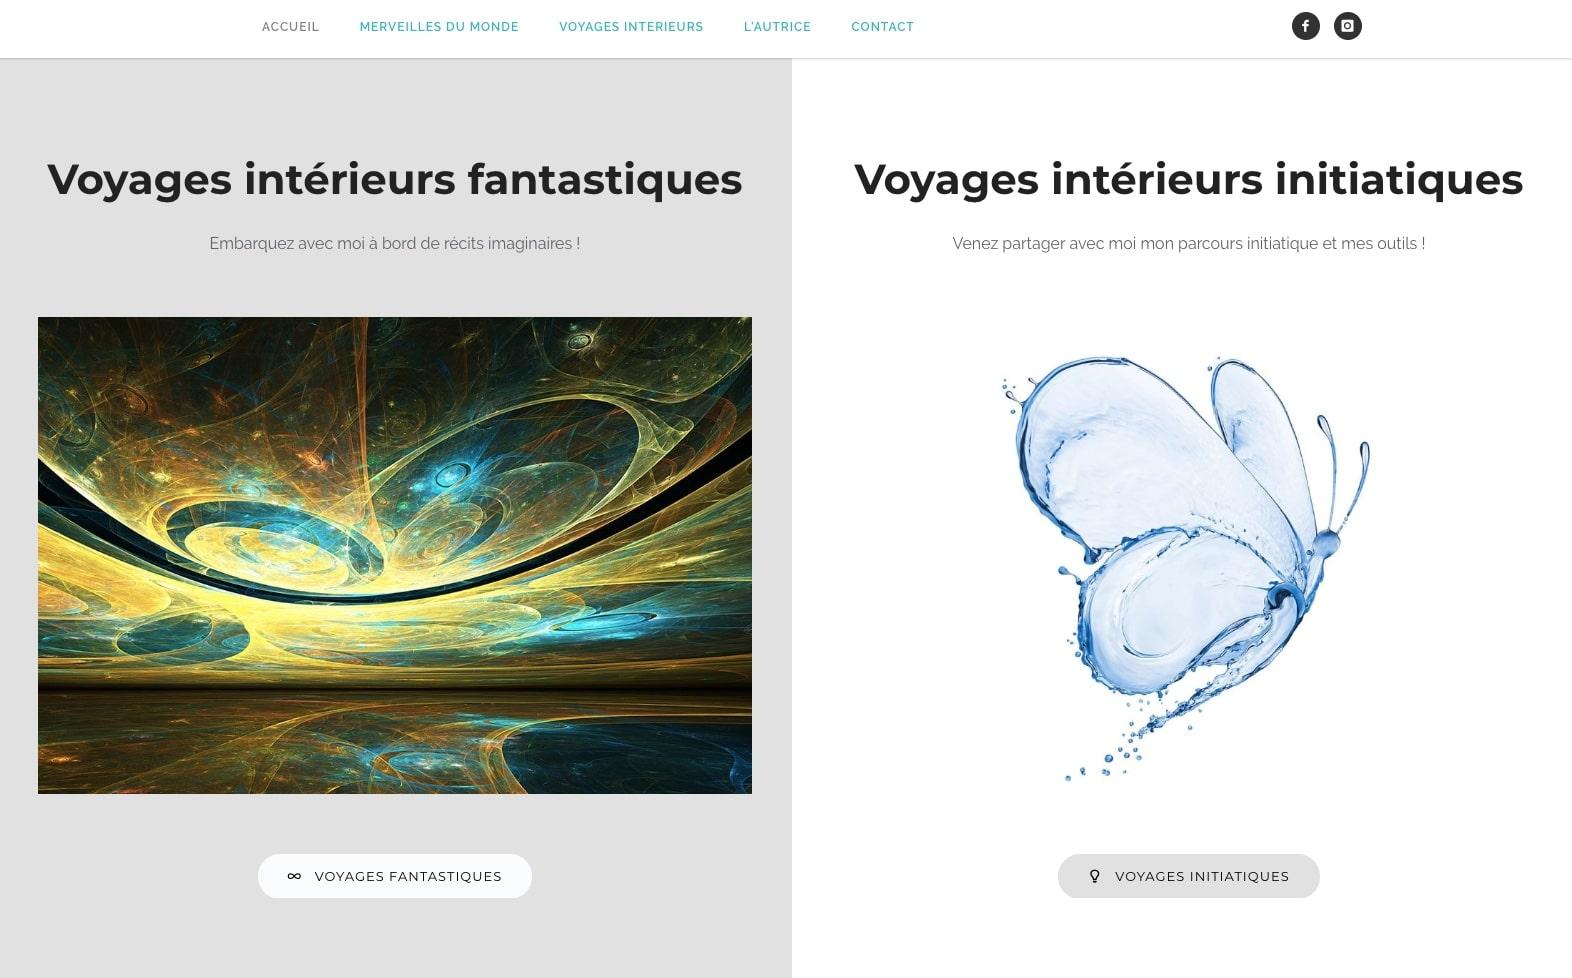 Découvrez les articles de Vastes Mondes, des voyages fantastiques, client de l'agence Karedess spécialisée dans le web sur Mulhouse